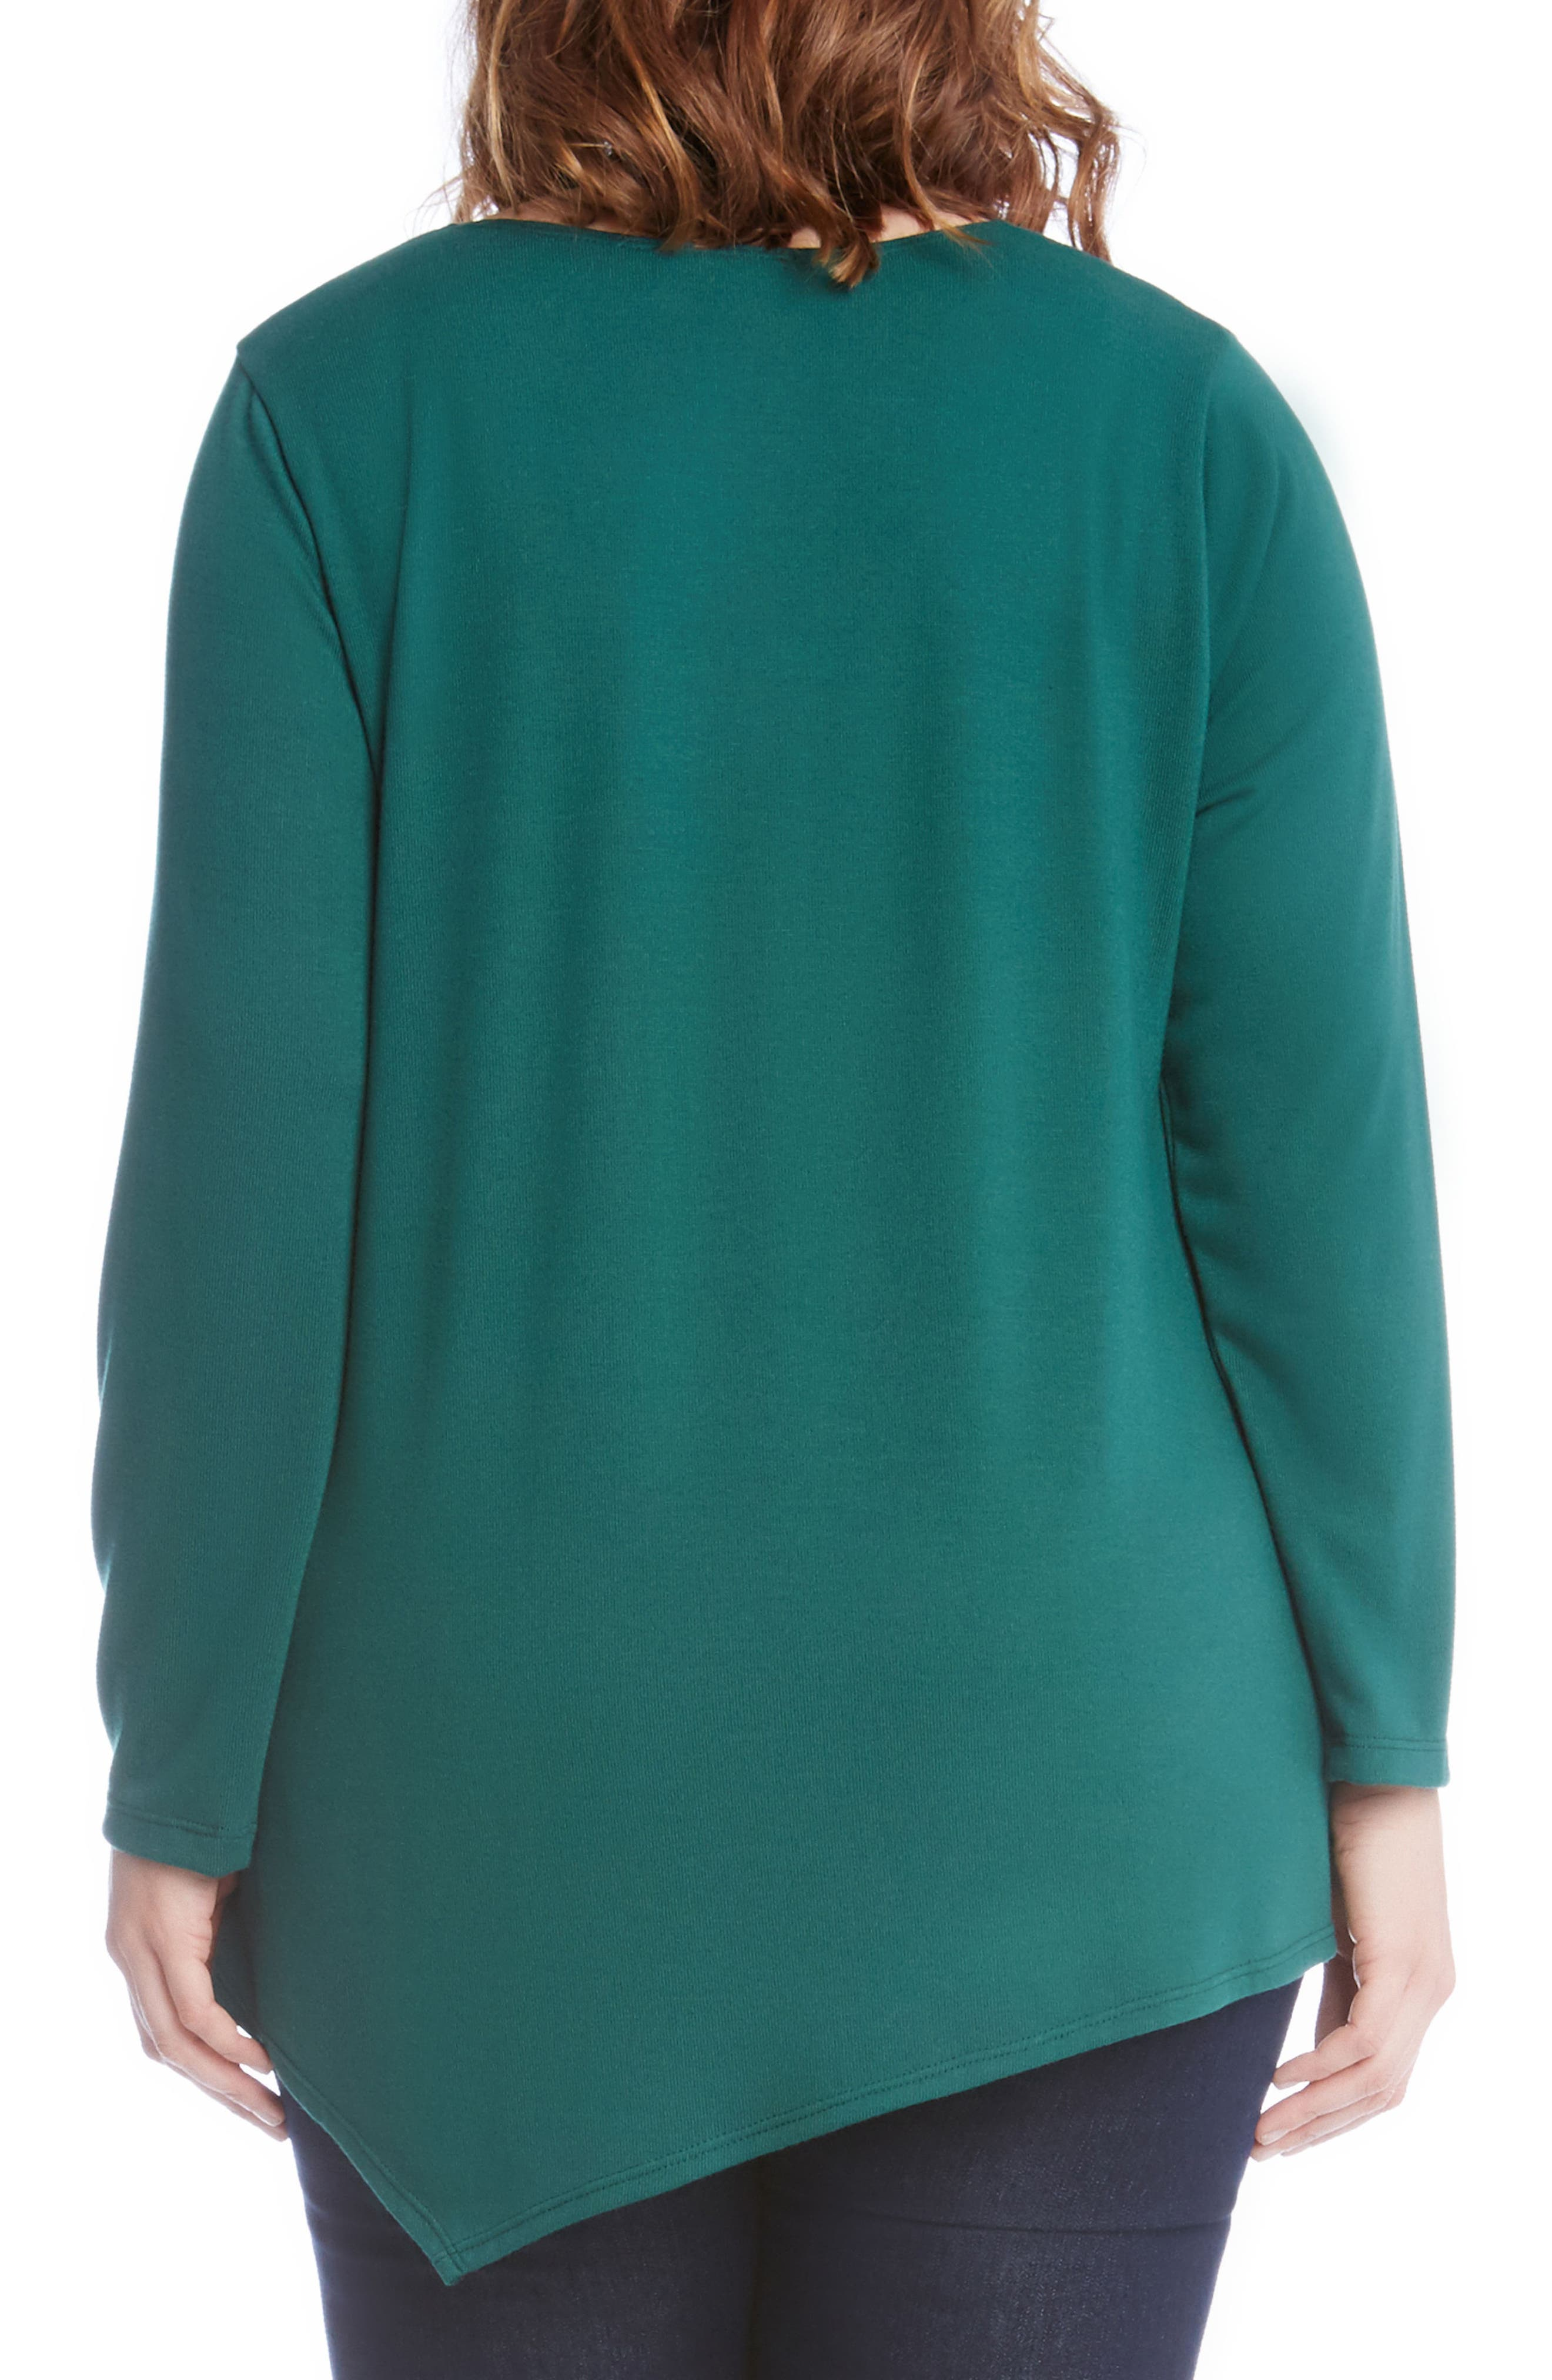 Alternate Image 3  - Karen Kane Asymmetrical Hem Sweater (Plus Size)